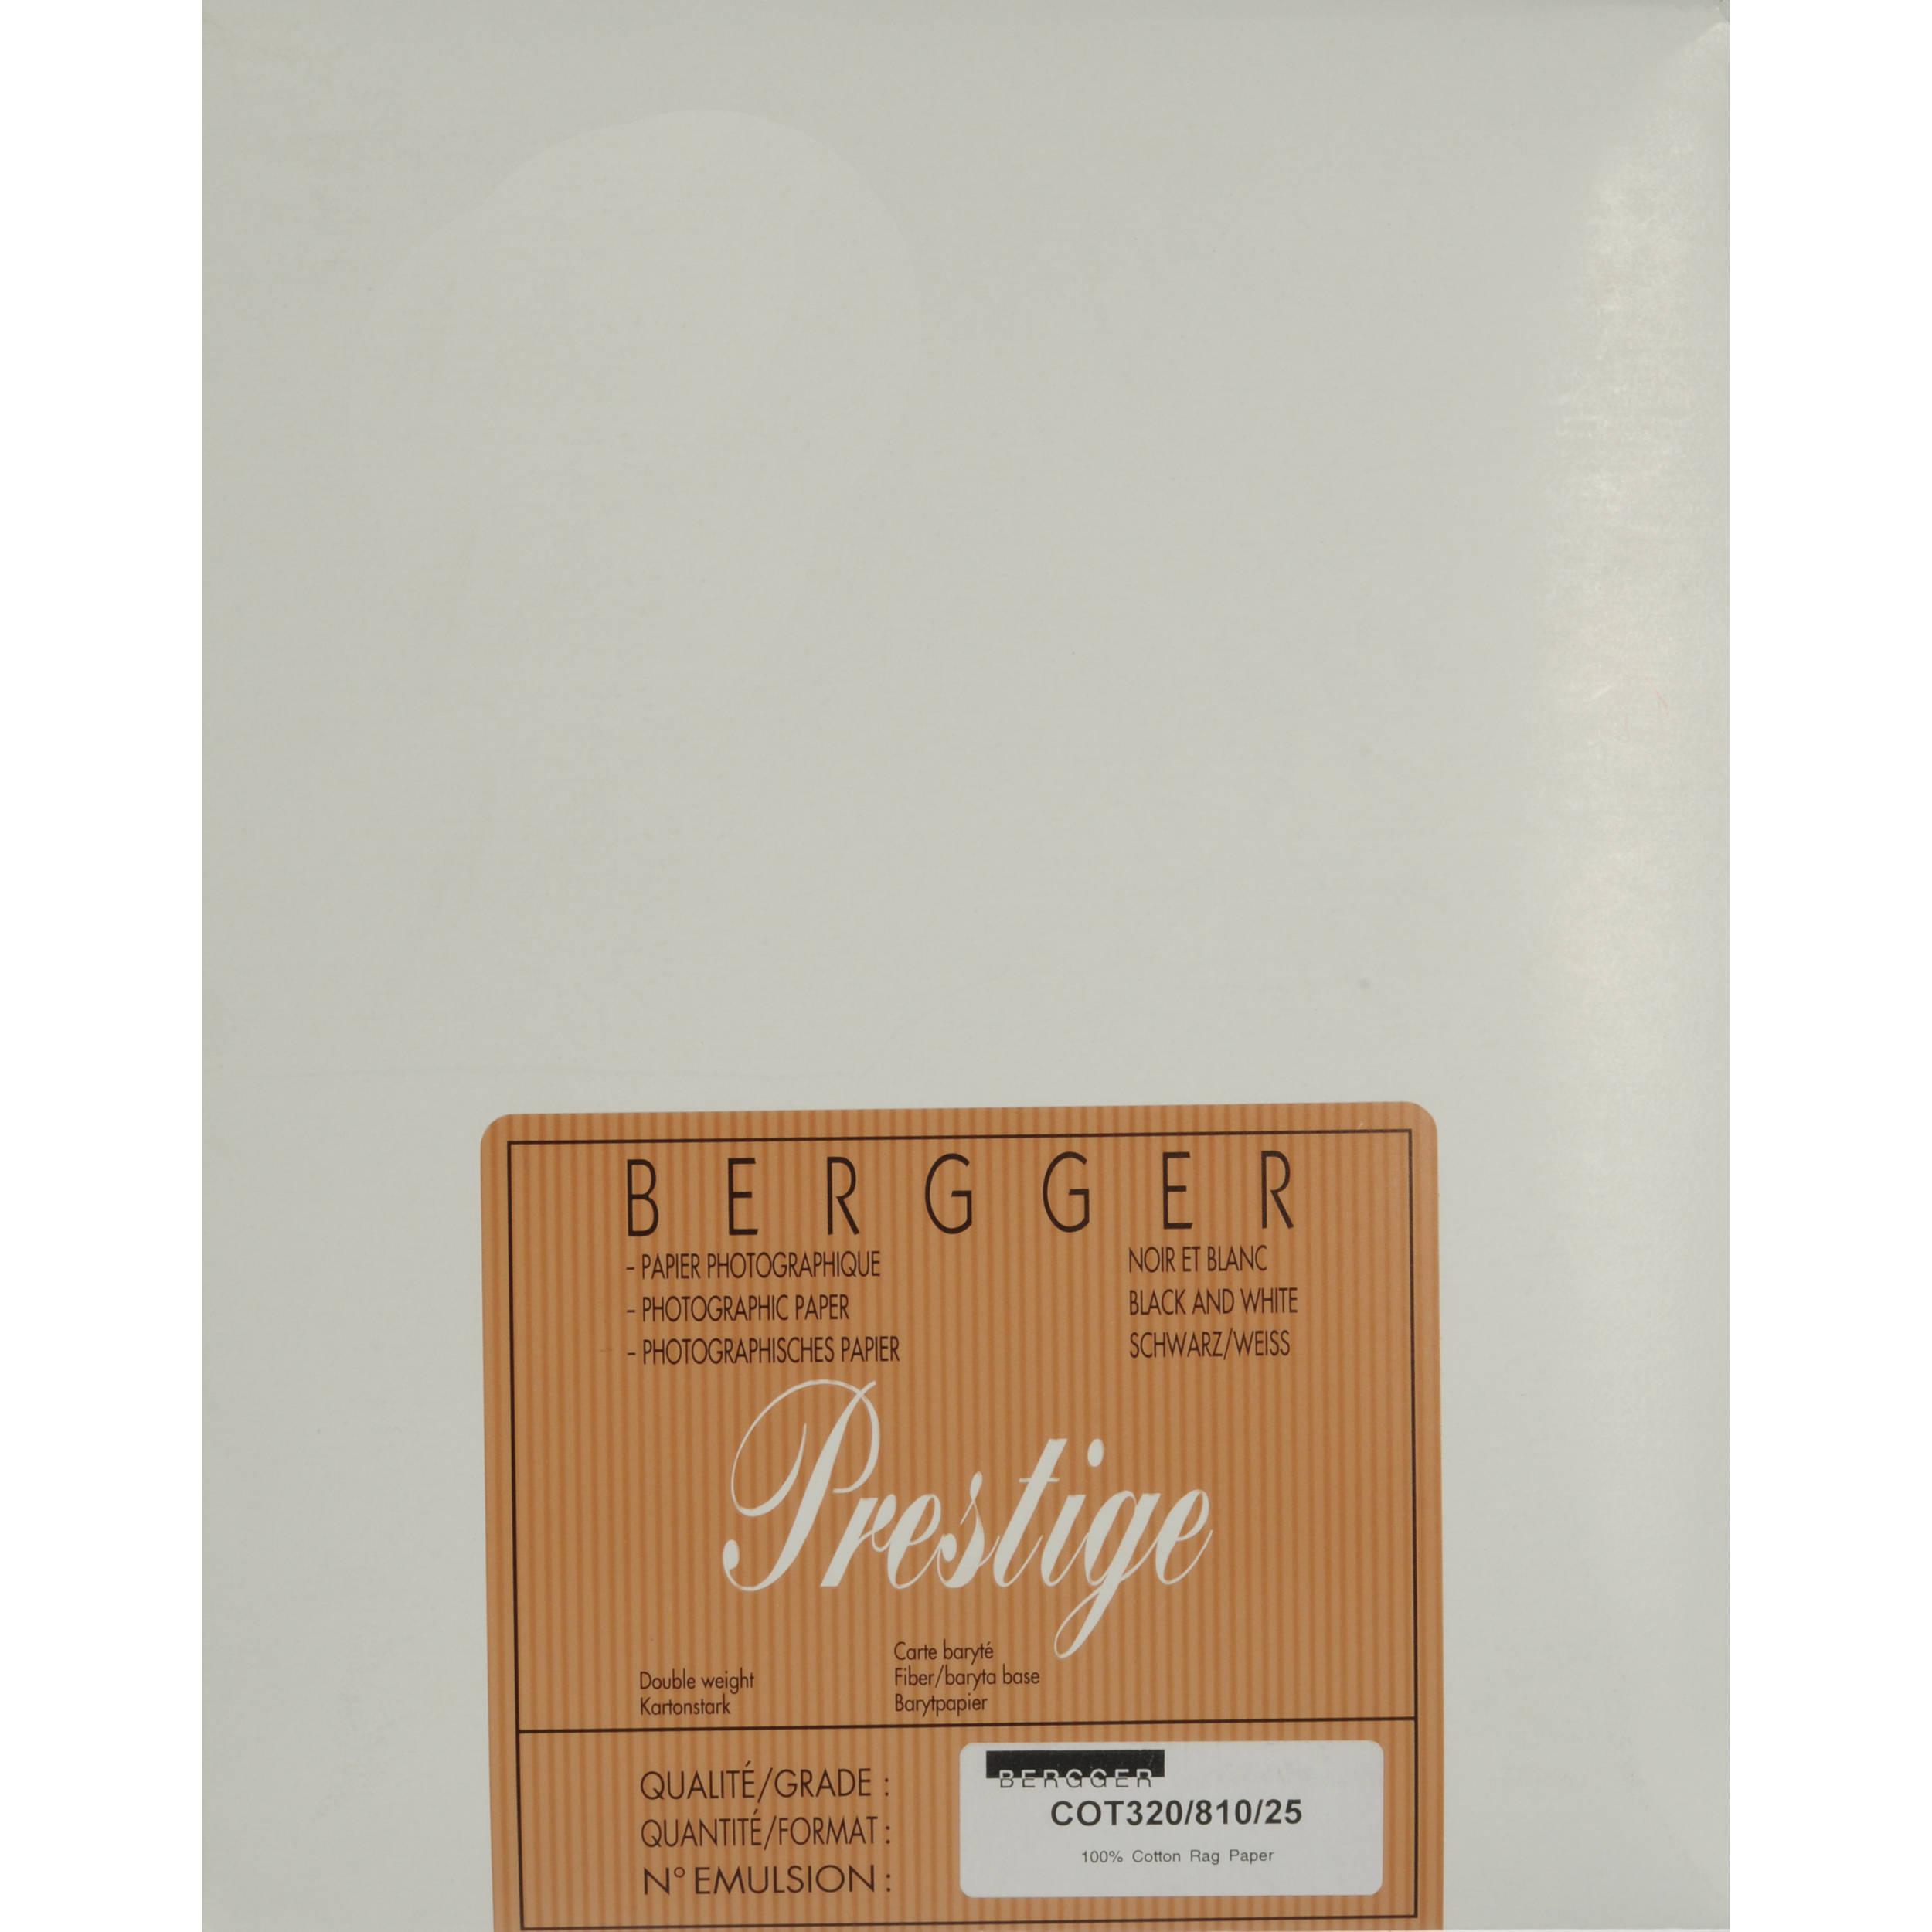 Bergger cot 320 paper 8 x 10 25 sheets